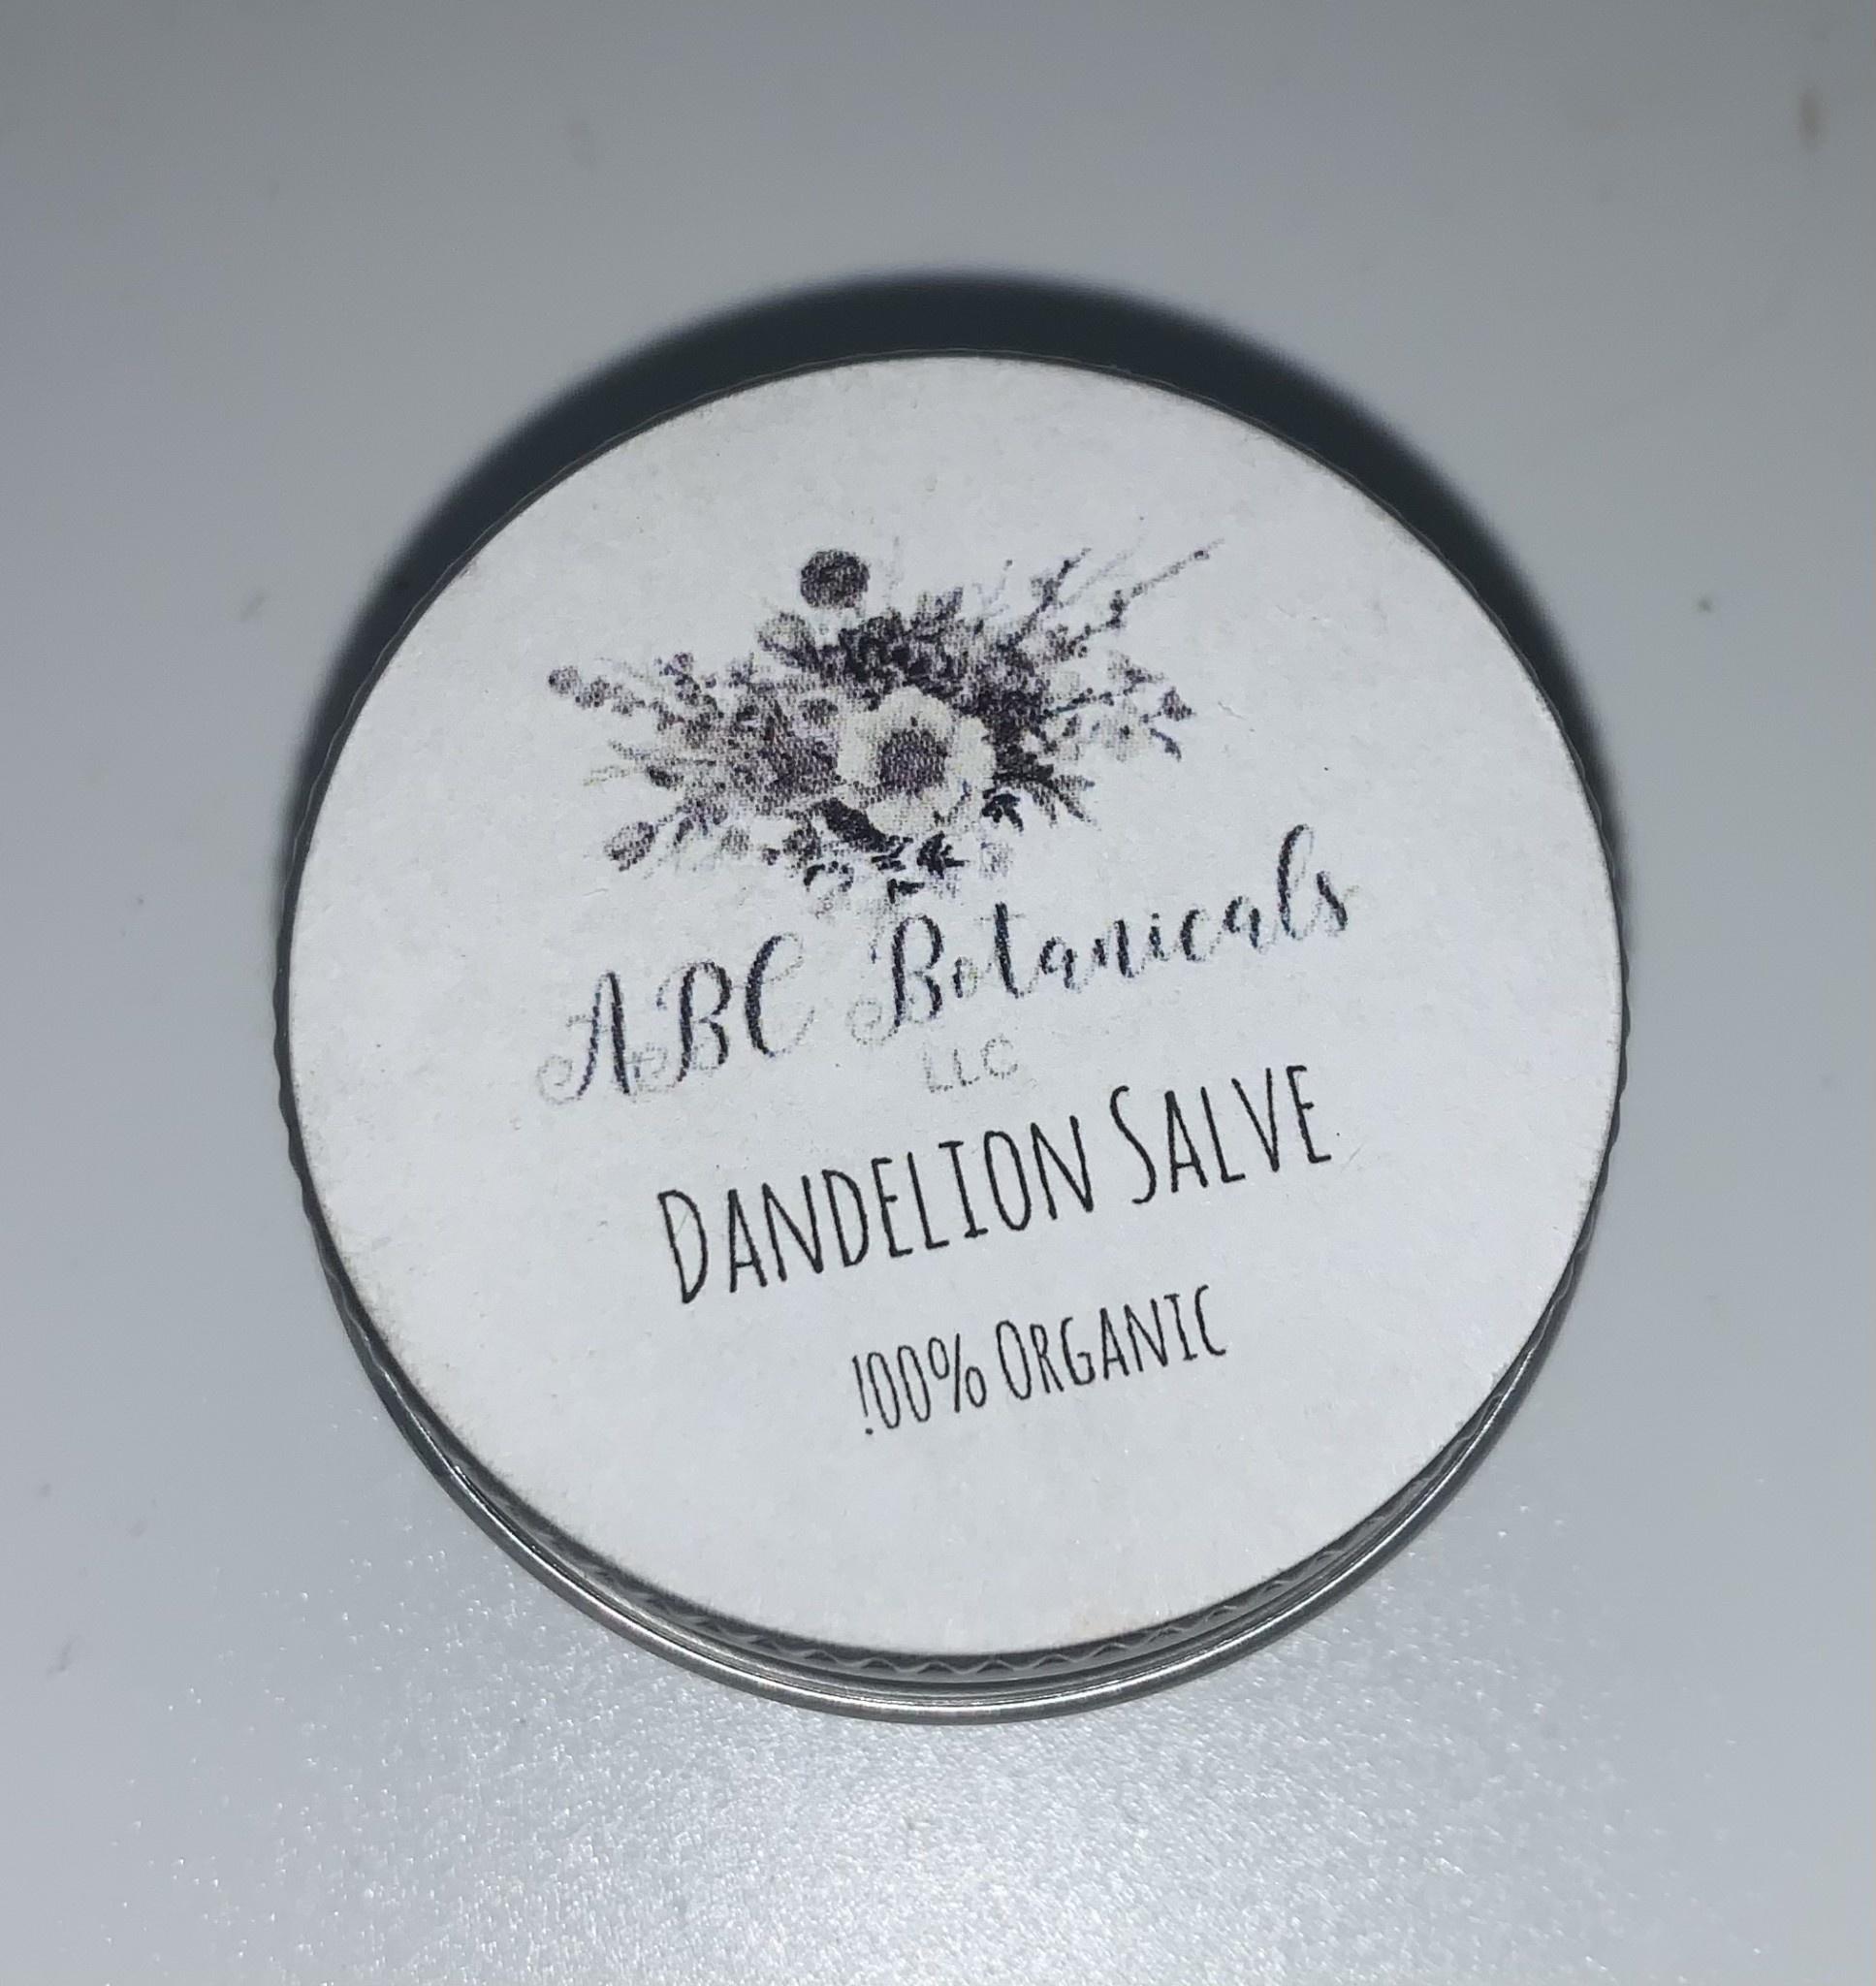 ABC Botanicals Dandelion Salves